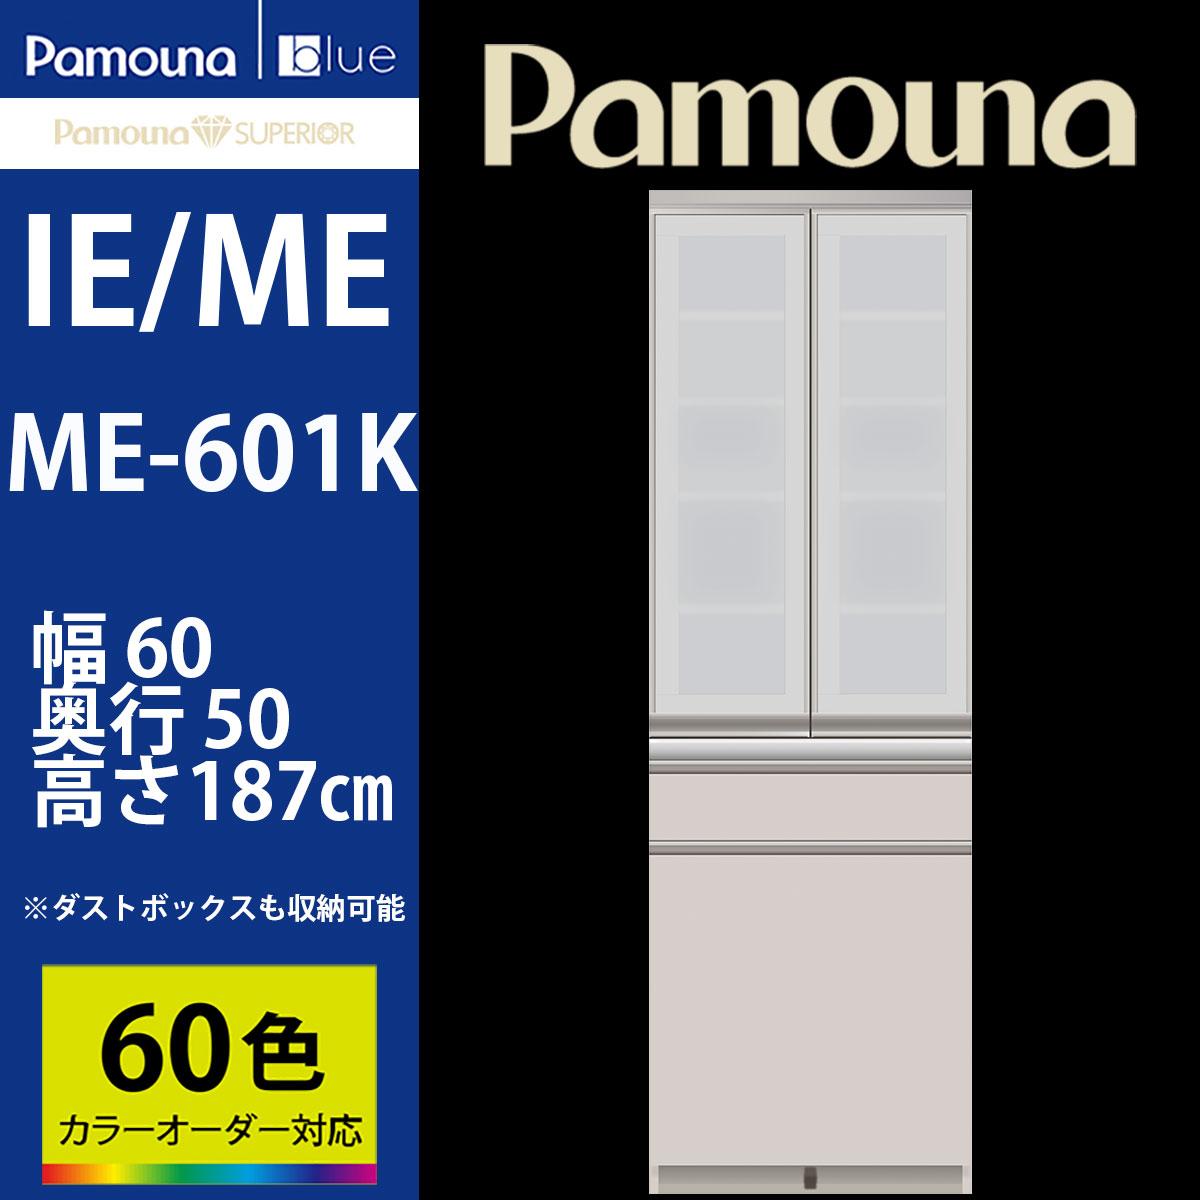 パモウナ 食器棚 キッチンボード 完成品 ME-601K 【幅60×奥行50×高さ187cm】 IE/ME シルキーアッシュ